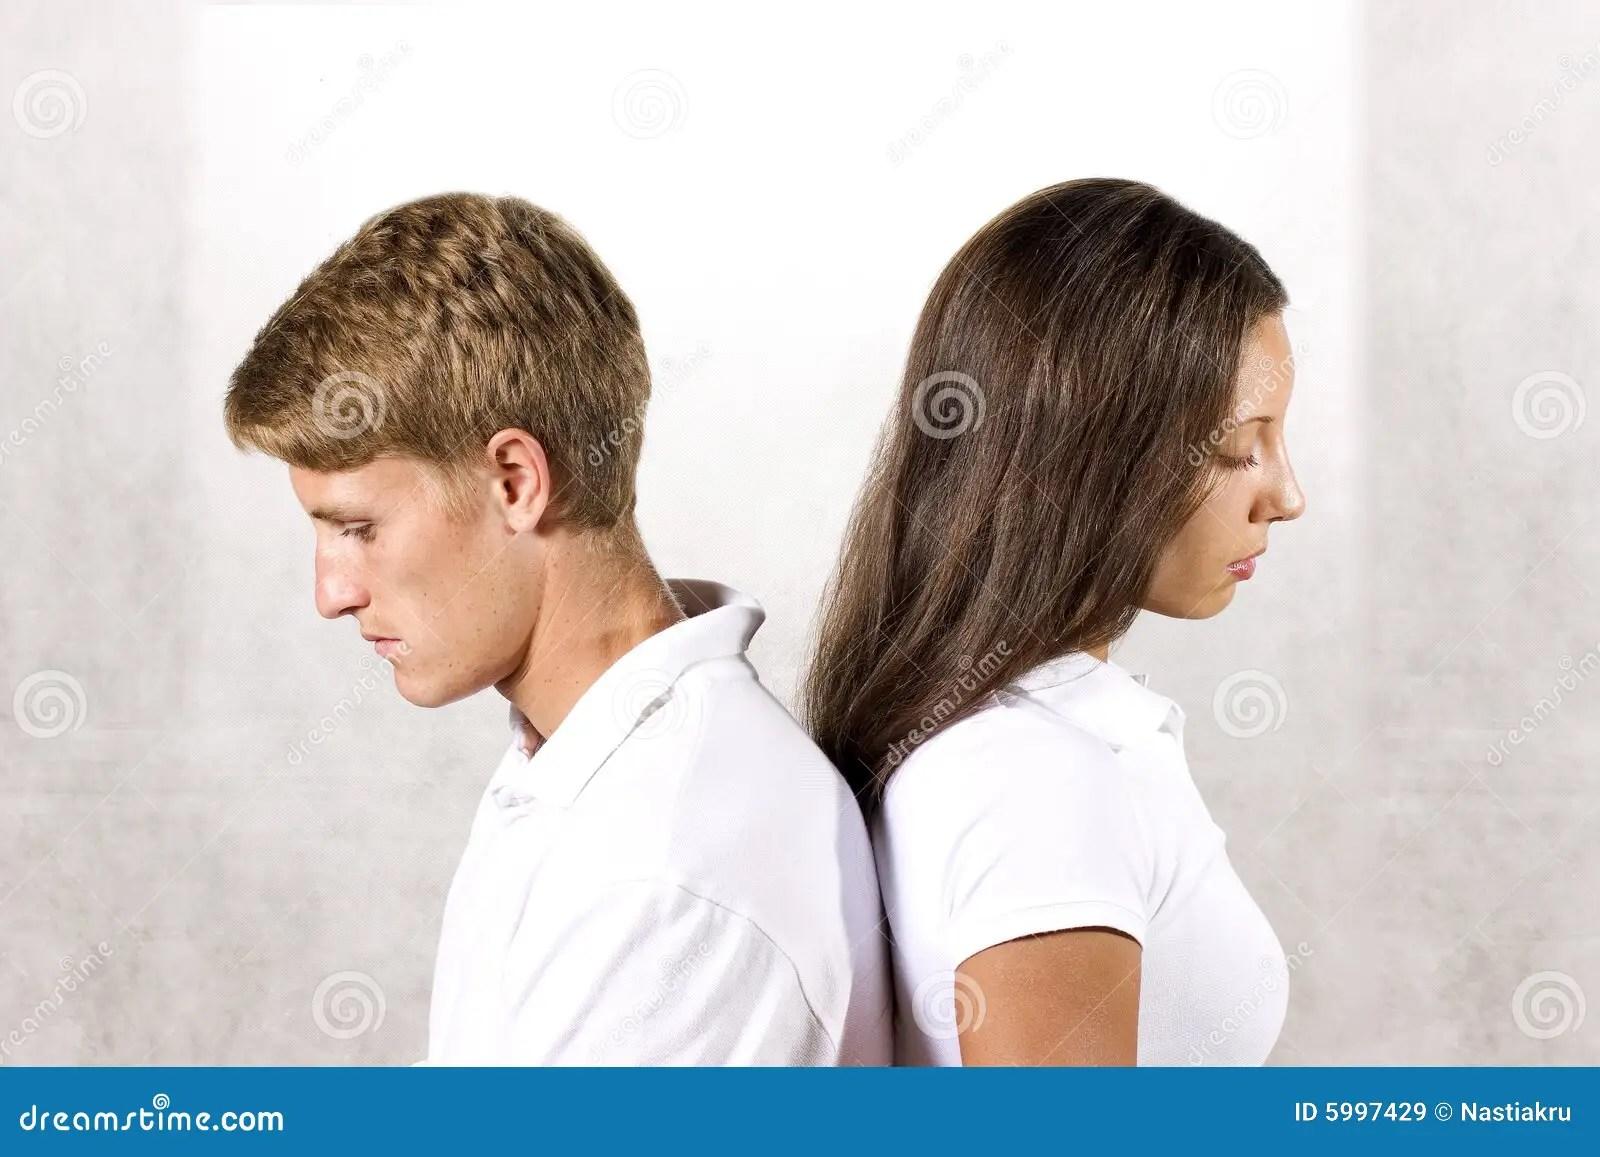 Sad Couple Stock Image Image Of Finished Adversity Anxiety 5997429